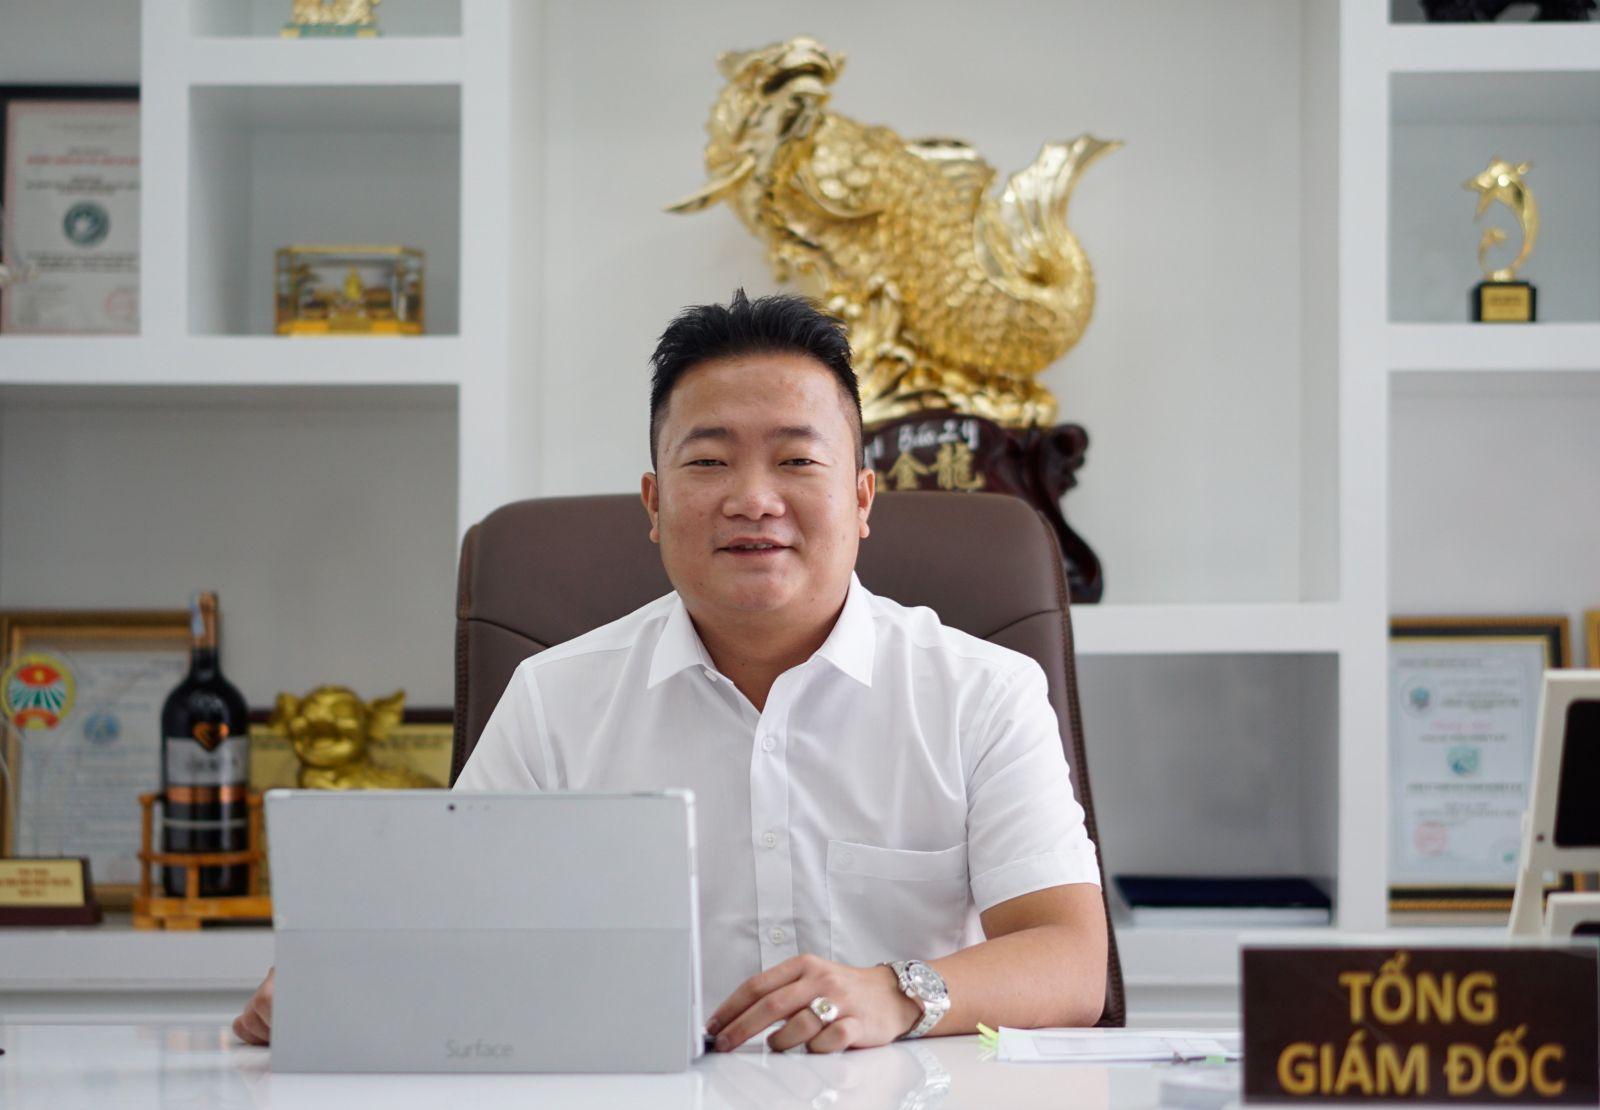 ông Phạm Trọng Nghĩa - Tổng giám đốc công ty CP thực phẩm Phạm Nghĩa (Phạm Nghĩa Food)